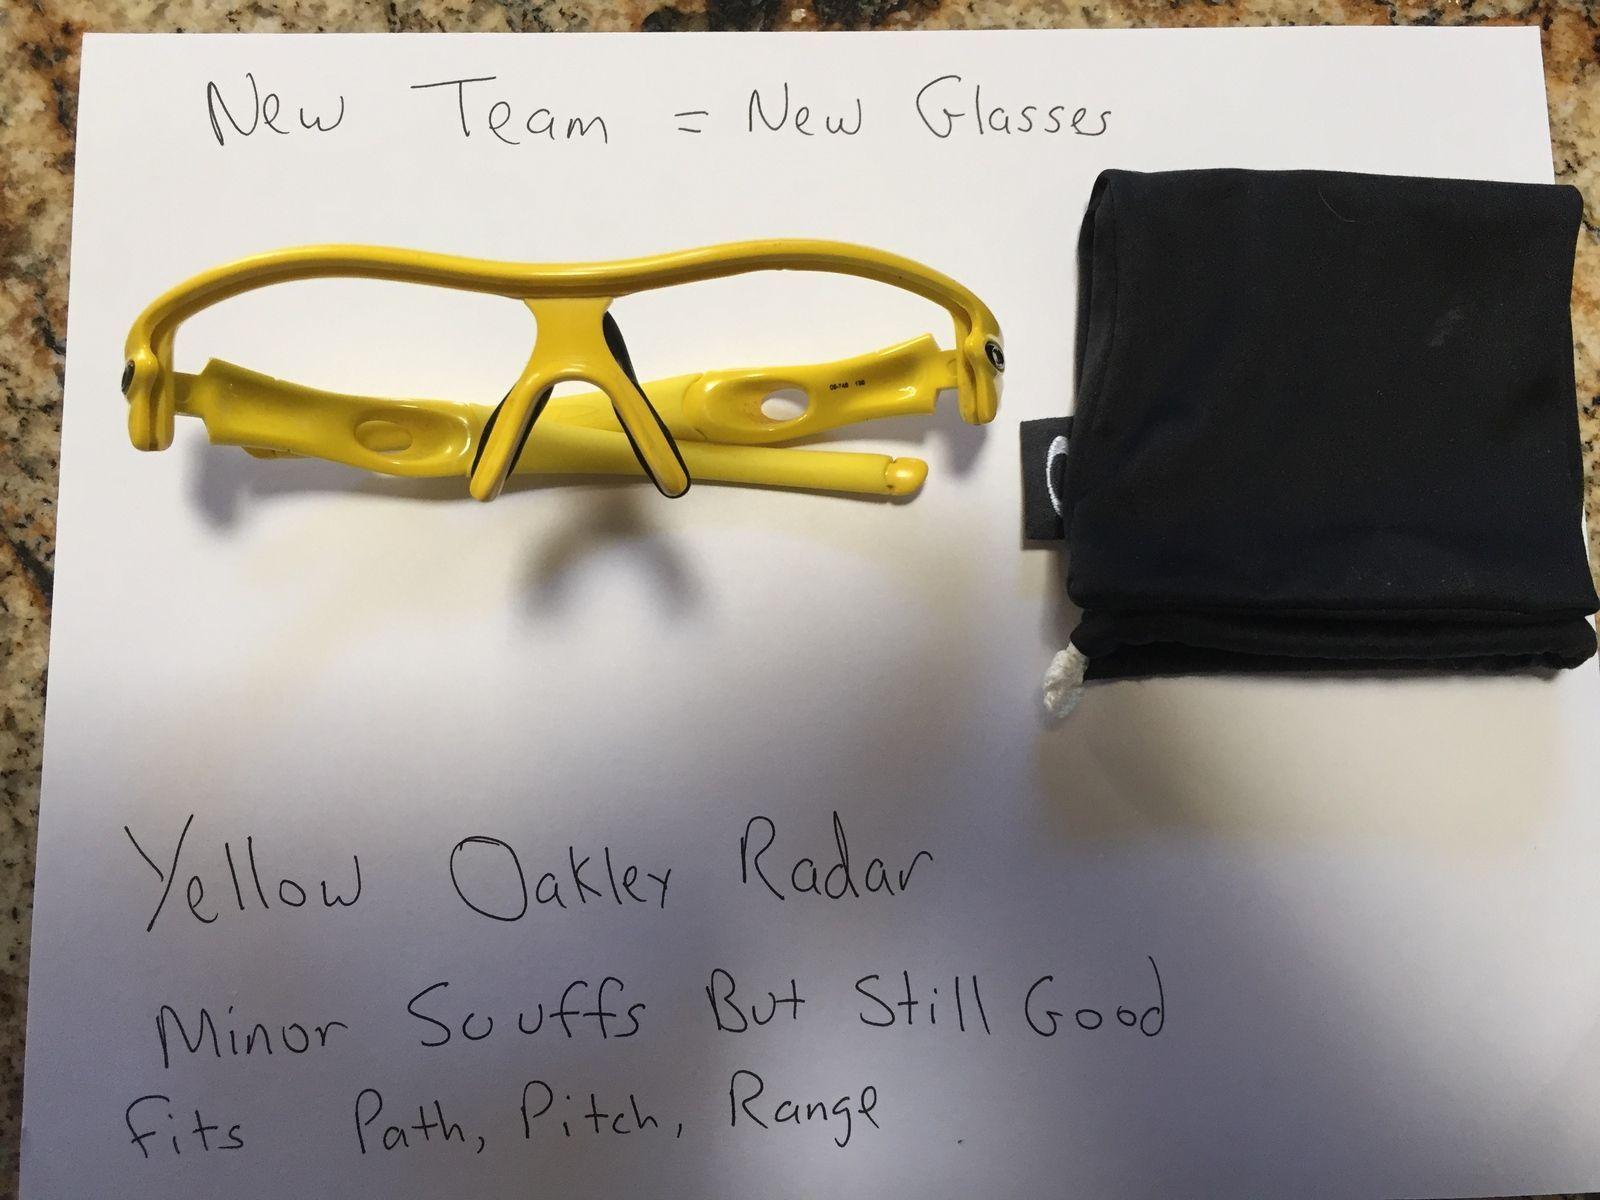 Yellow Radar Frame $50 - FEVlaJ.jpg